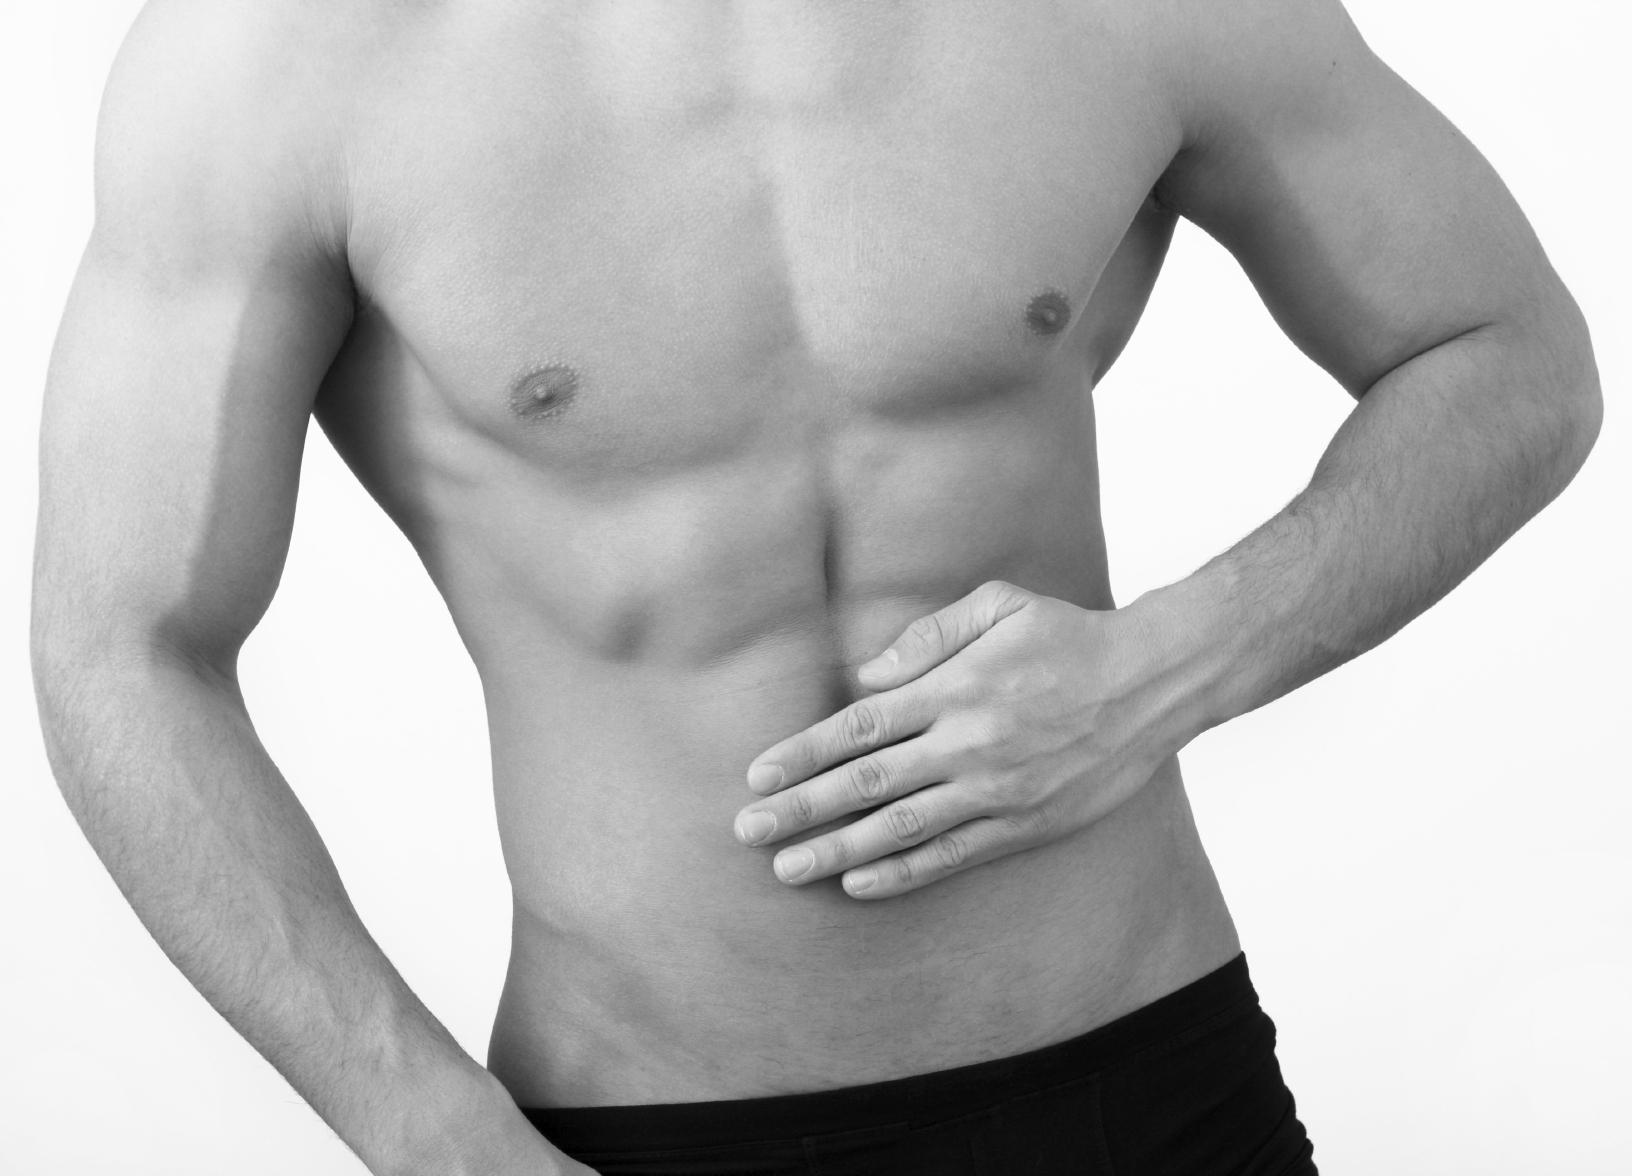 Kaulų, sąnarių ir raumenų skausmui malšinti